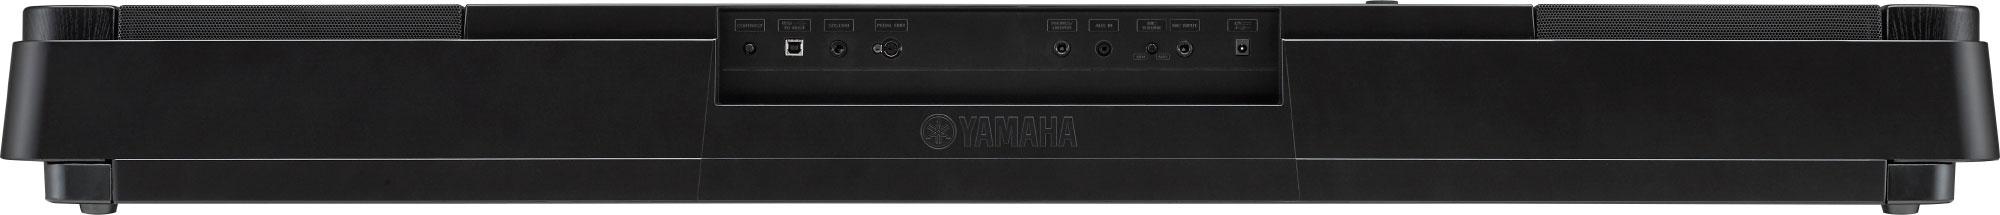 Yamaha DGX-660 back panel